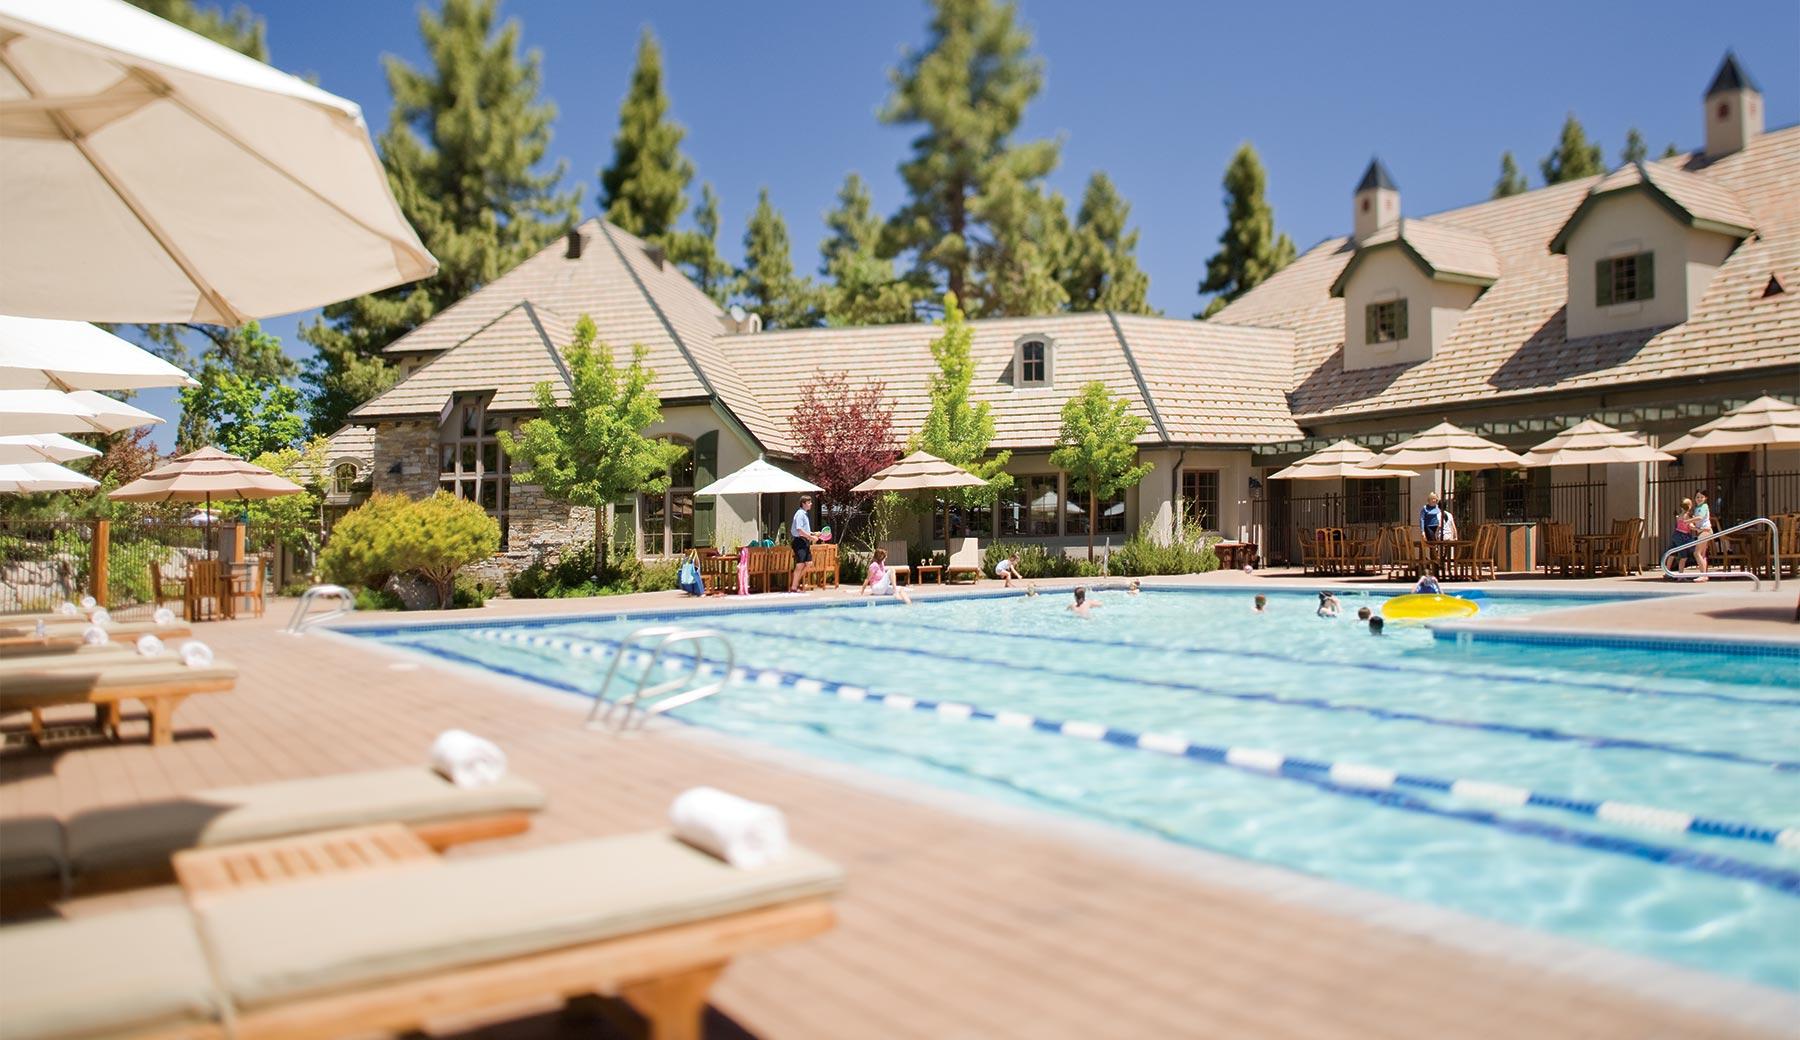 Montreux Swimming Pool Reno NV